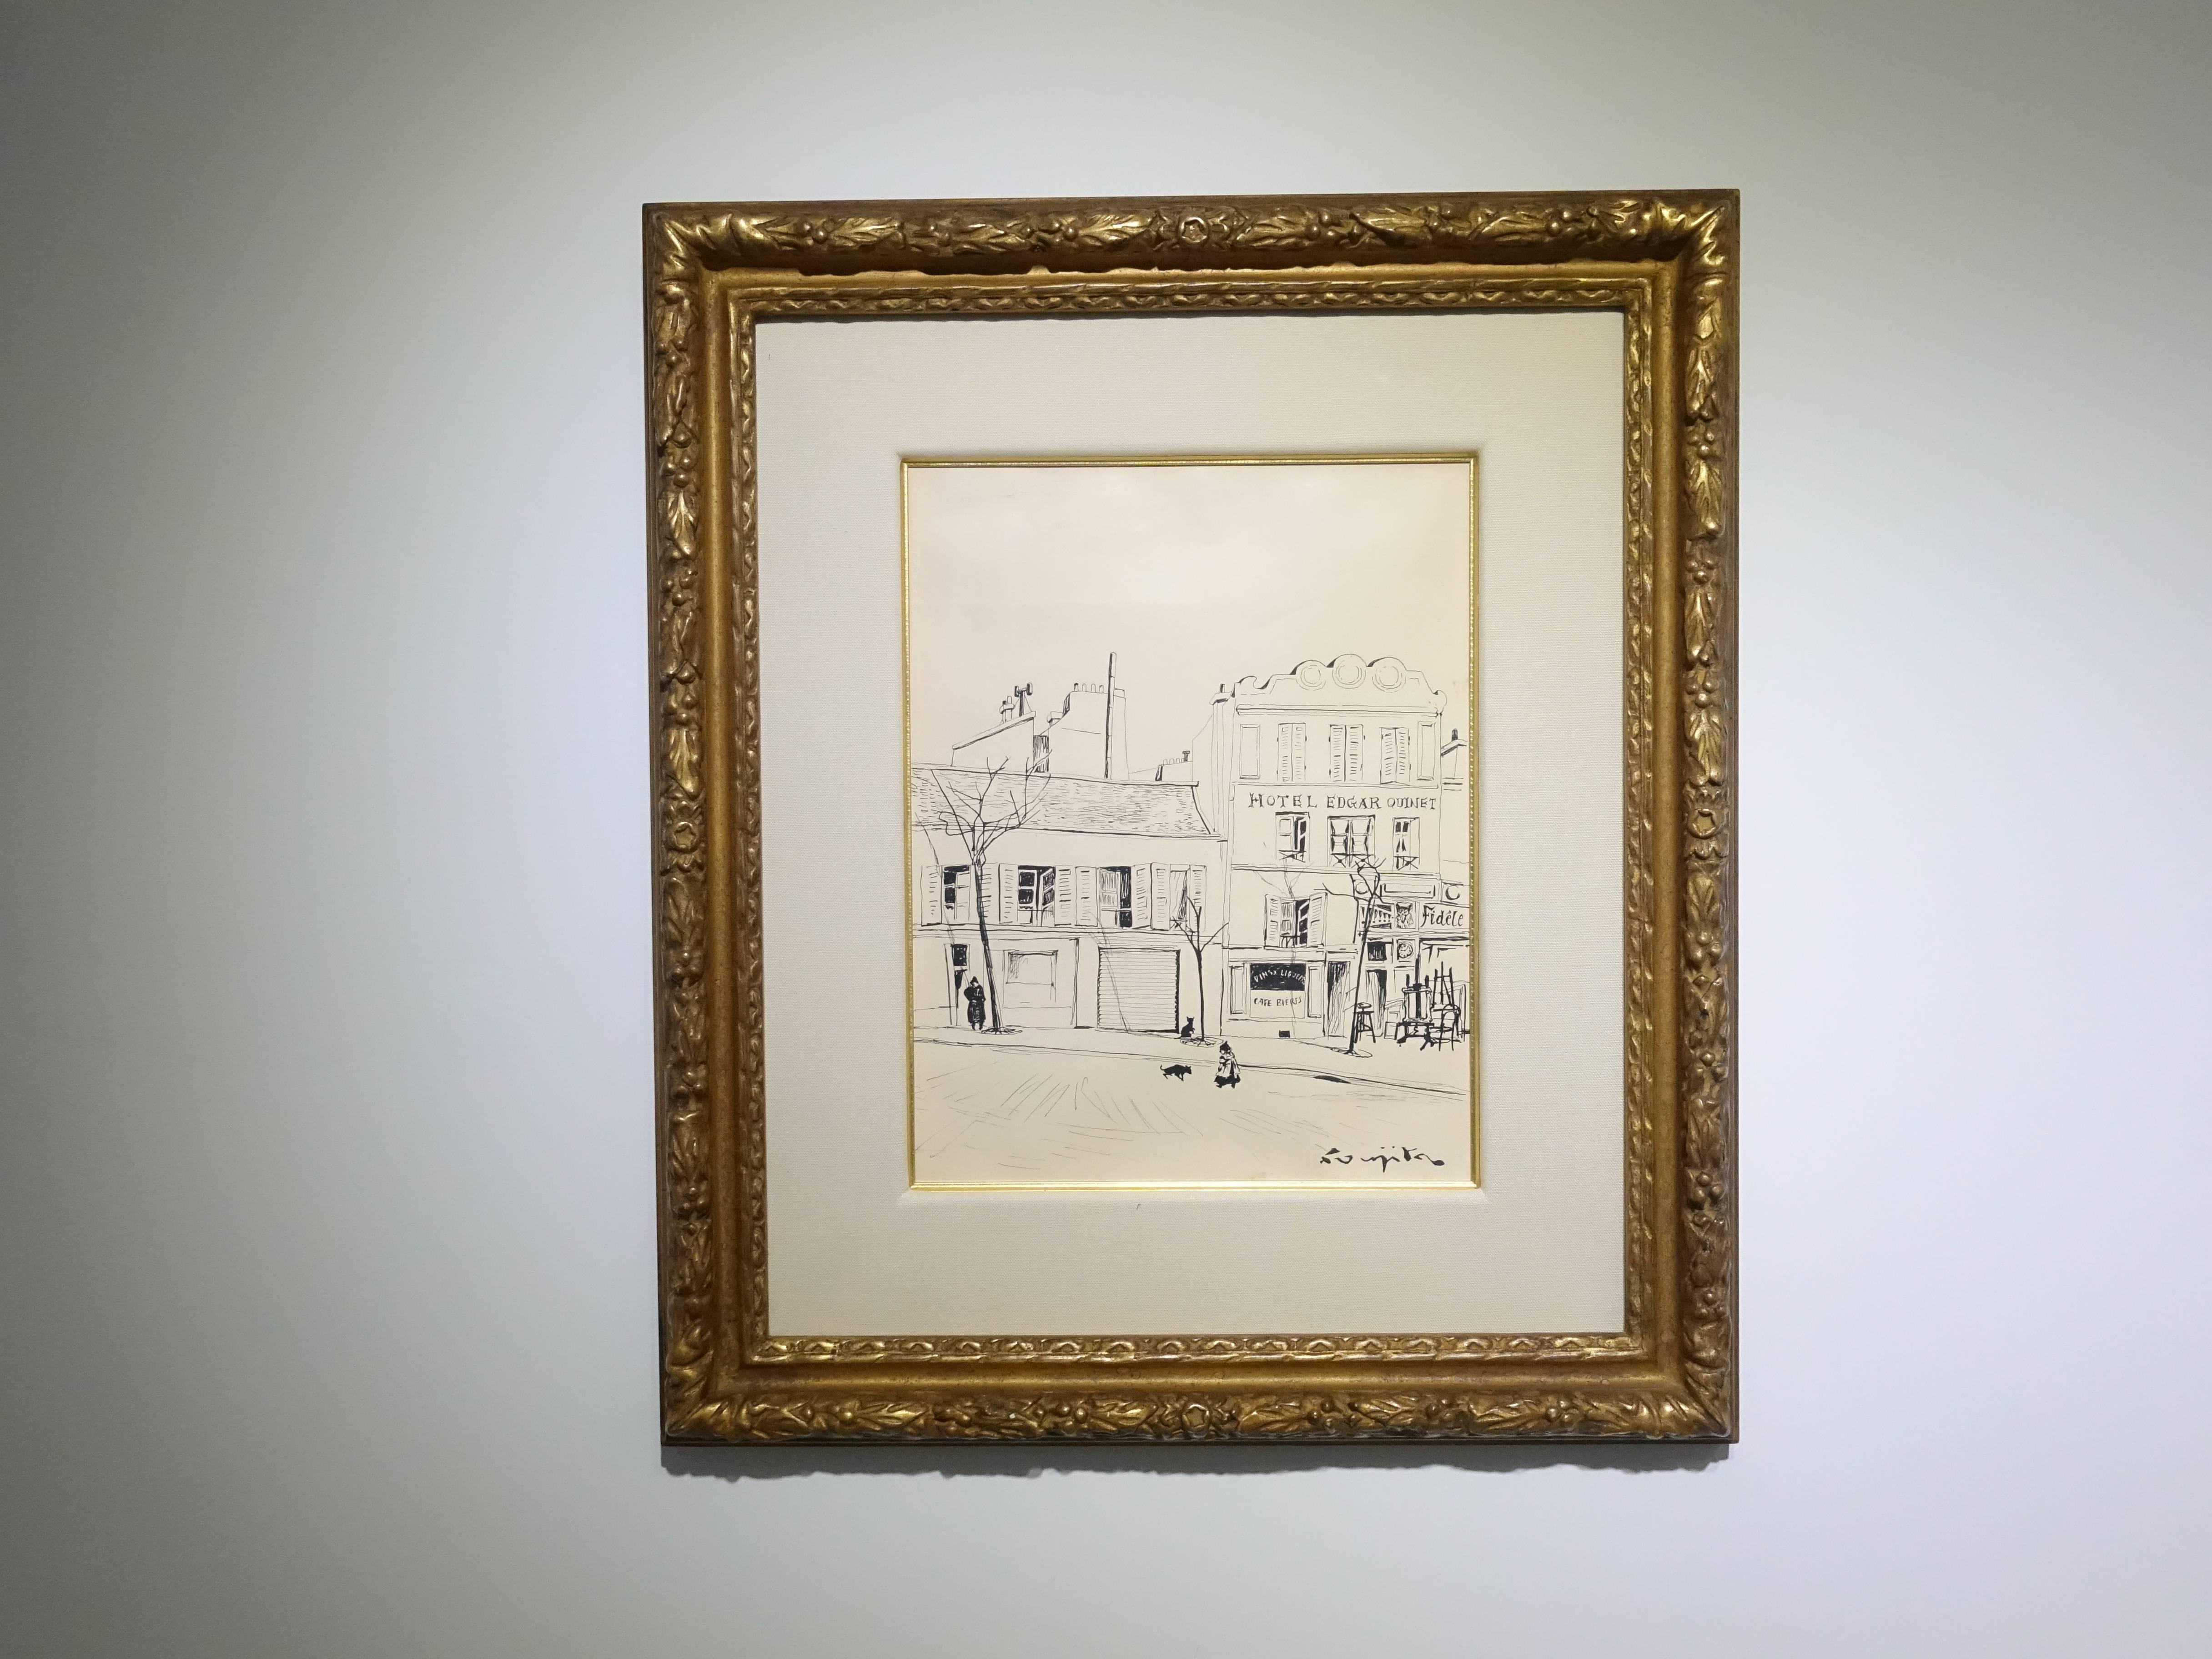 藤田嗣治,《巴黎埃德加基內酒店》,31.5x24.3 cm,紙上素描,1950。